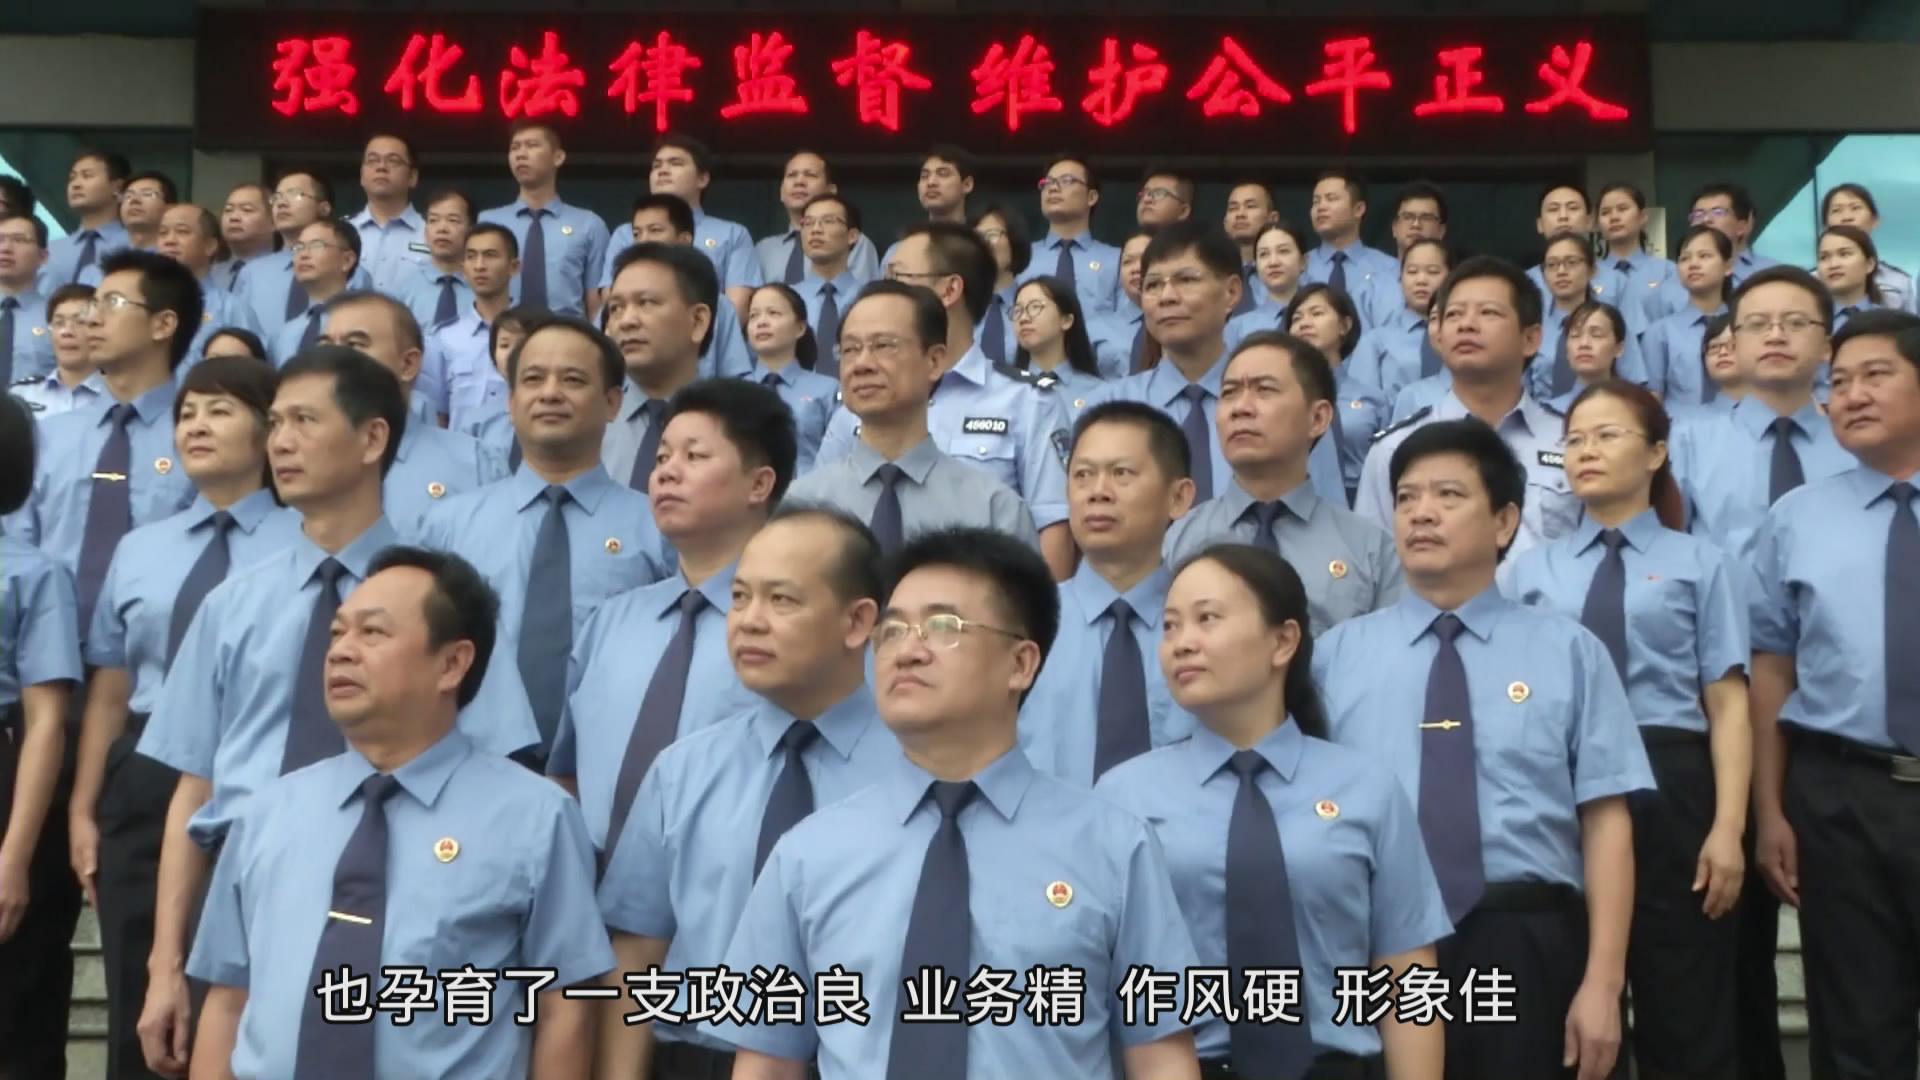 改革创新 强化监督――防城港市人民检察院宣传片